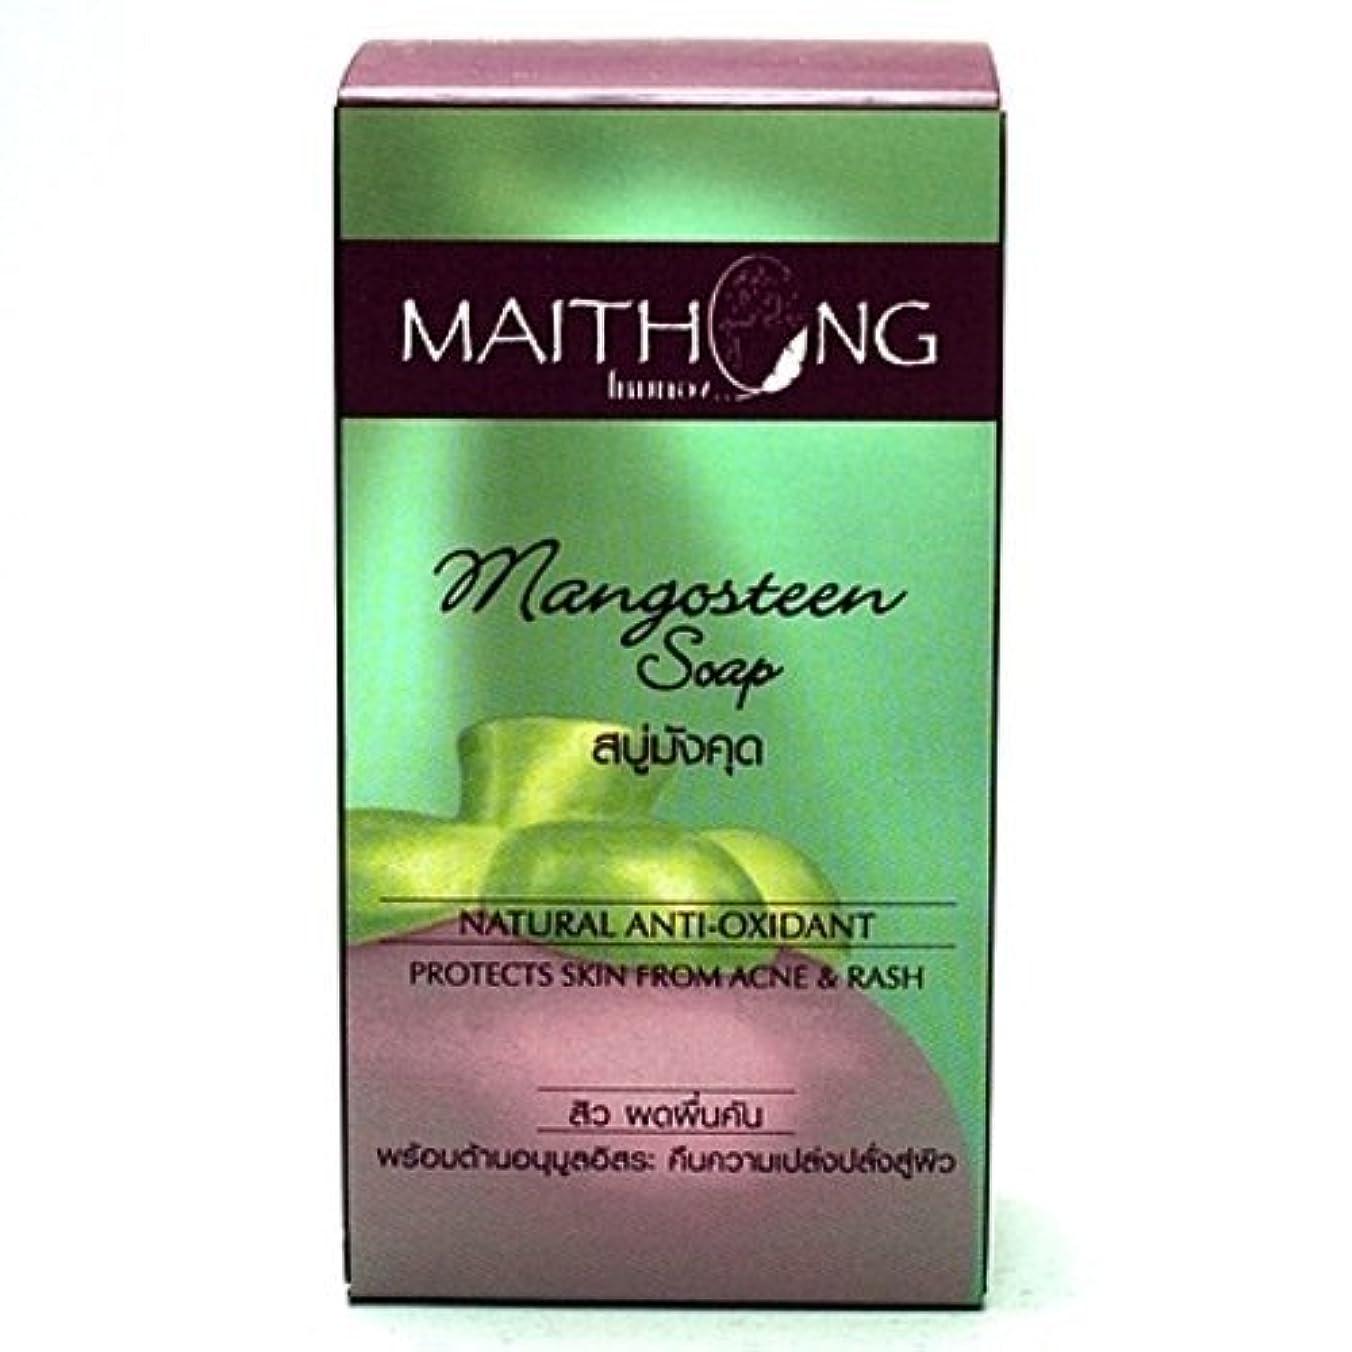 ブロック鎮痛剤通信するMangosteen Soap Face and Body Wash Acne Rash Black Spot Spa Facial Soap Bar Natural Herb Scent by Maithong